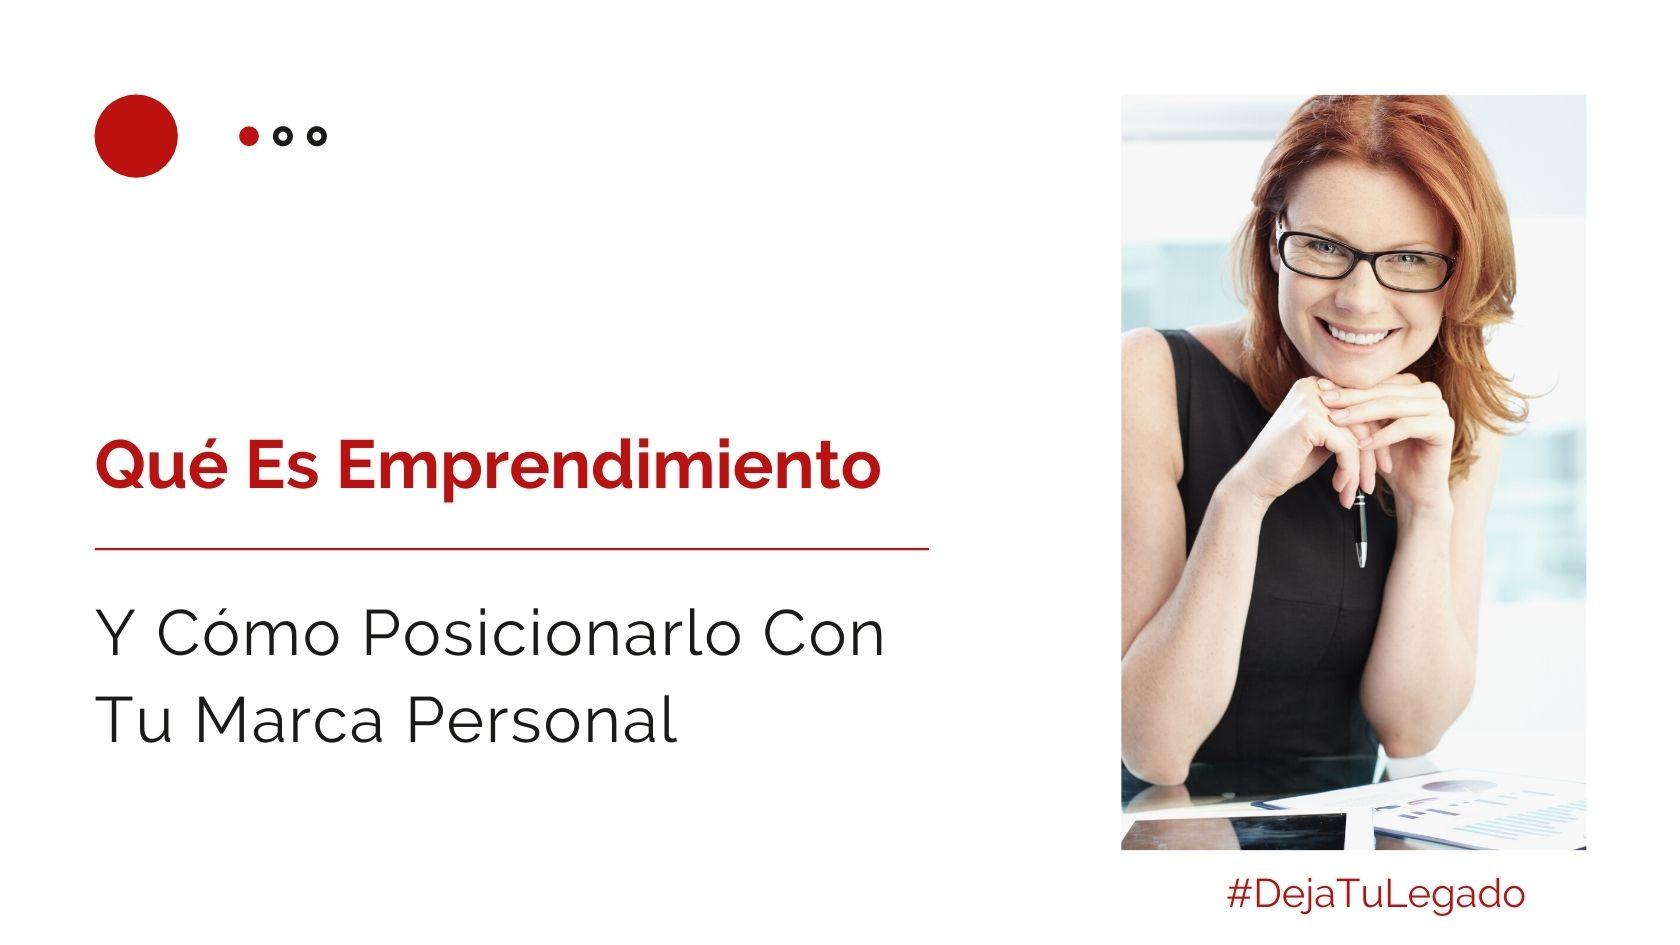 Héctor Jimenez - Qué Es Emprendimiento y Cómo Posicionarlo Con Tu Marca Personal - 1